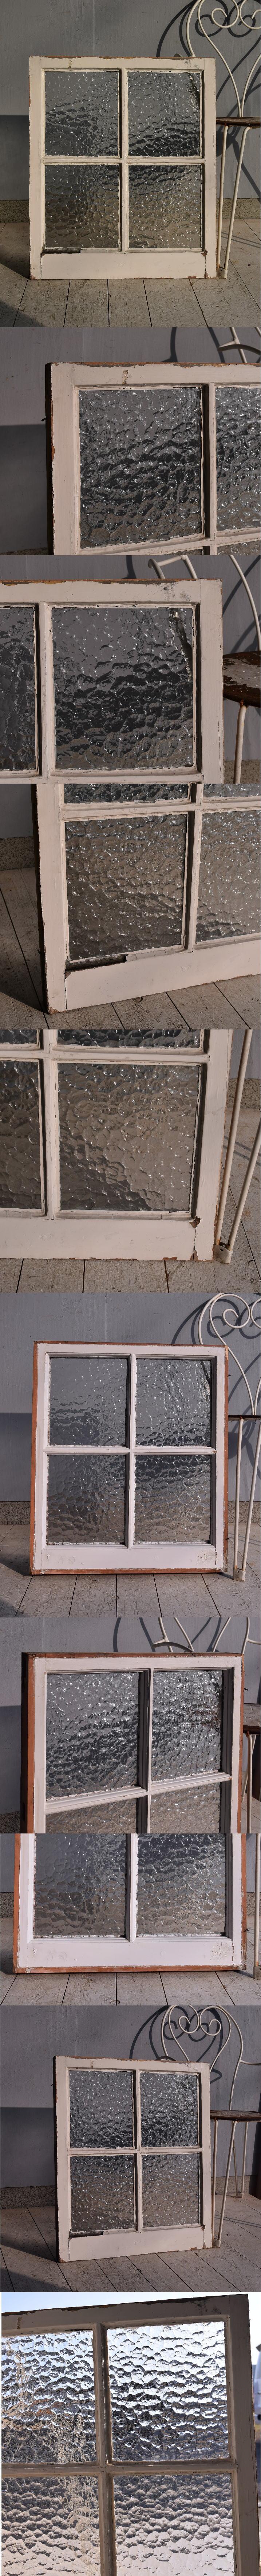 イギリス アンティーク 格子窓 無色透明 7542